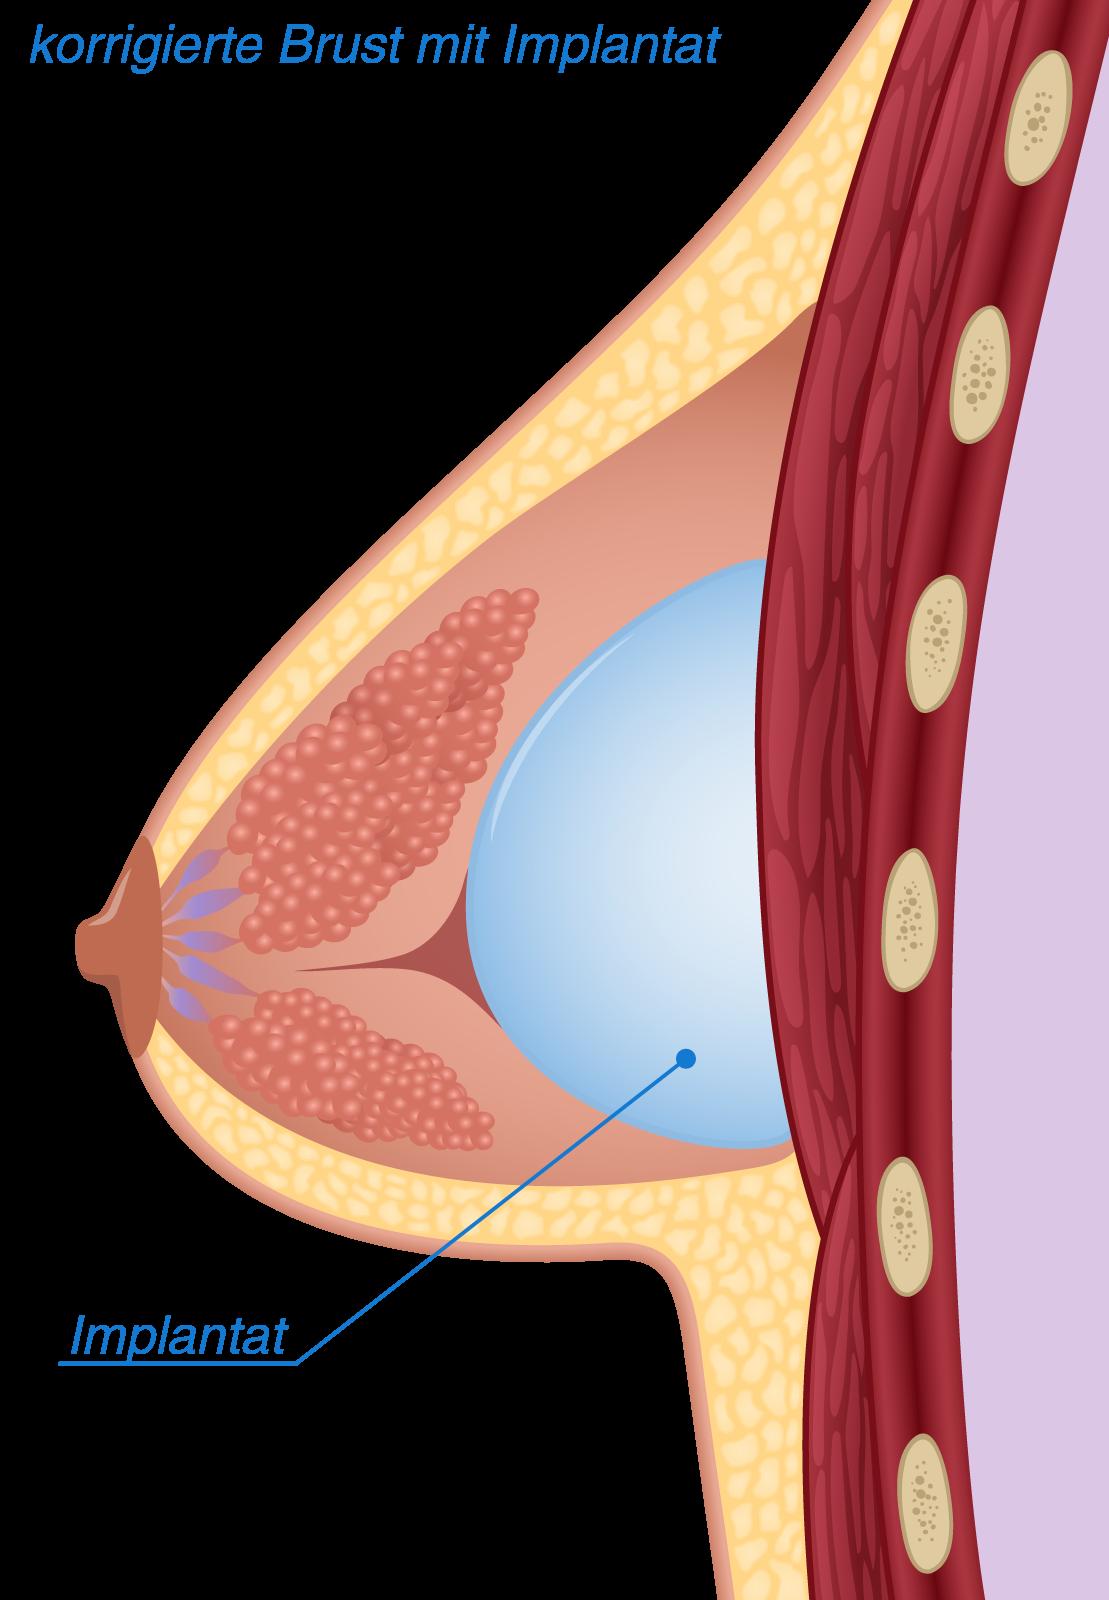 Implantat für tubuläre Brust